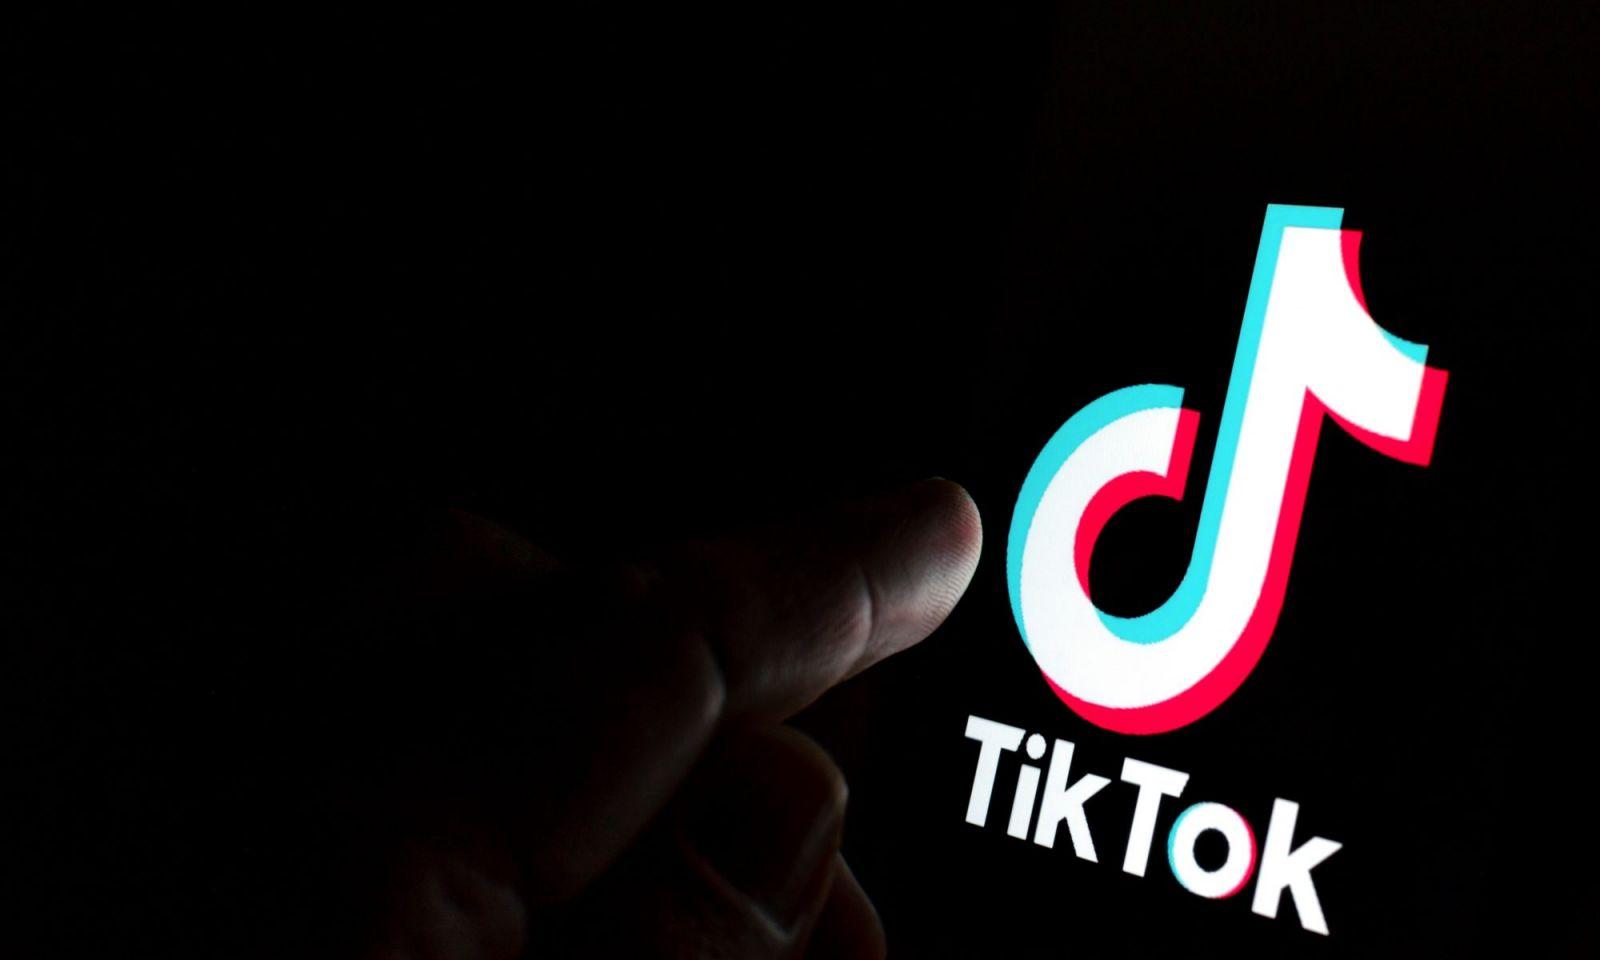 Thông qua Tiktok để tìm những đối tác sáng tạo hơn